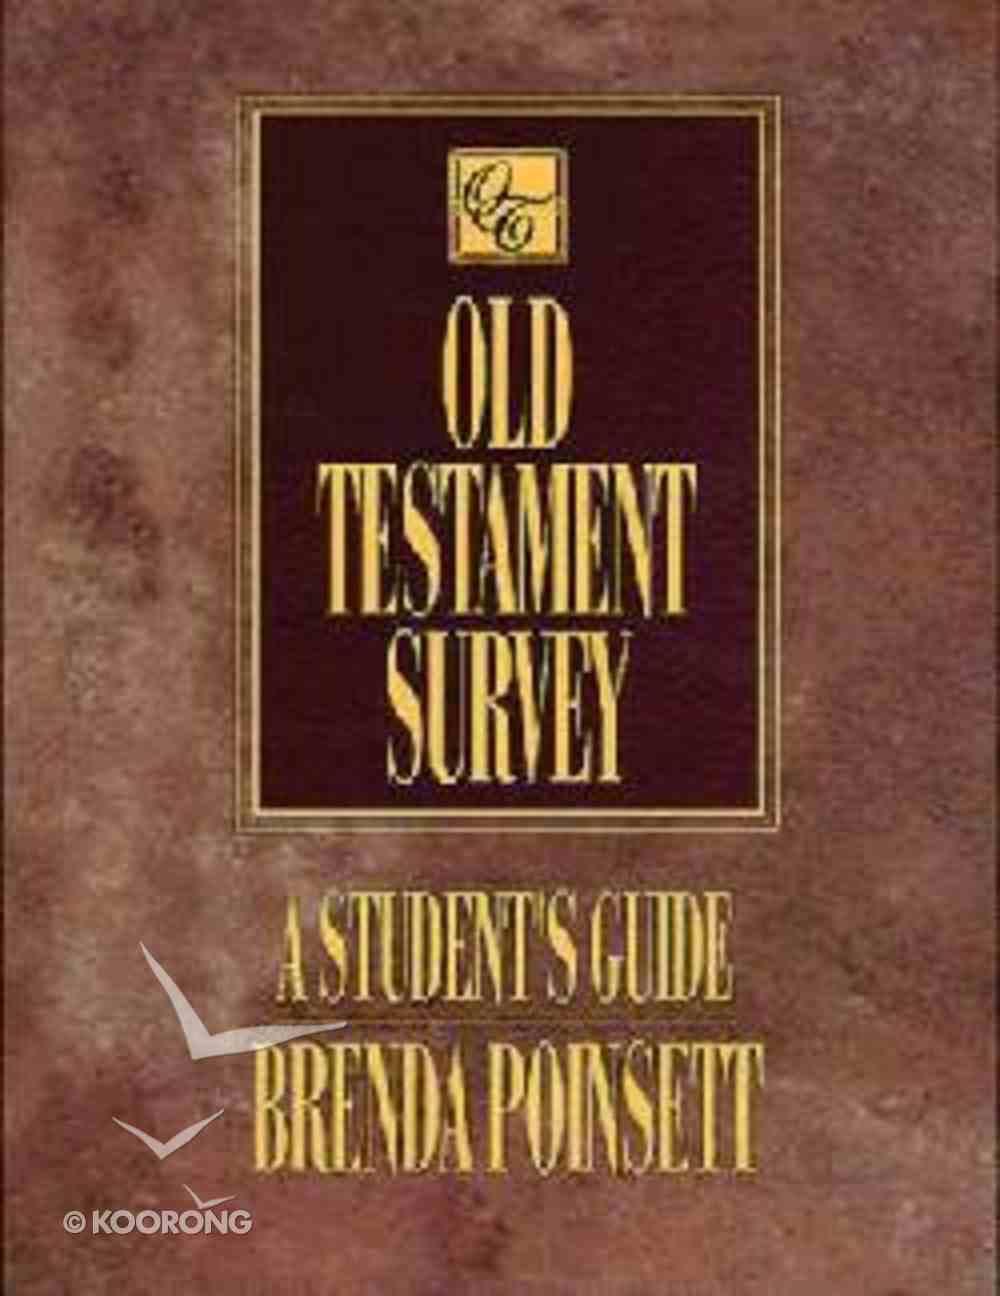 Old Testament Survey Paperback